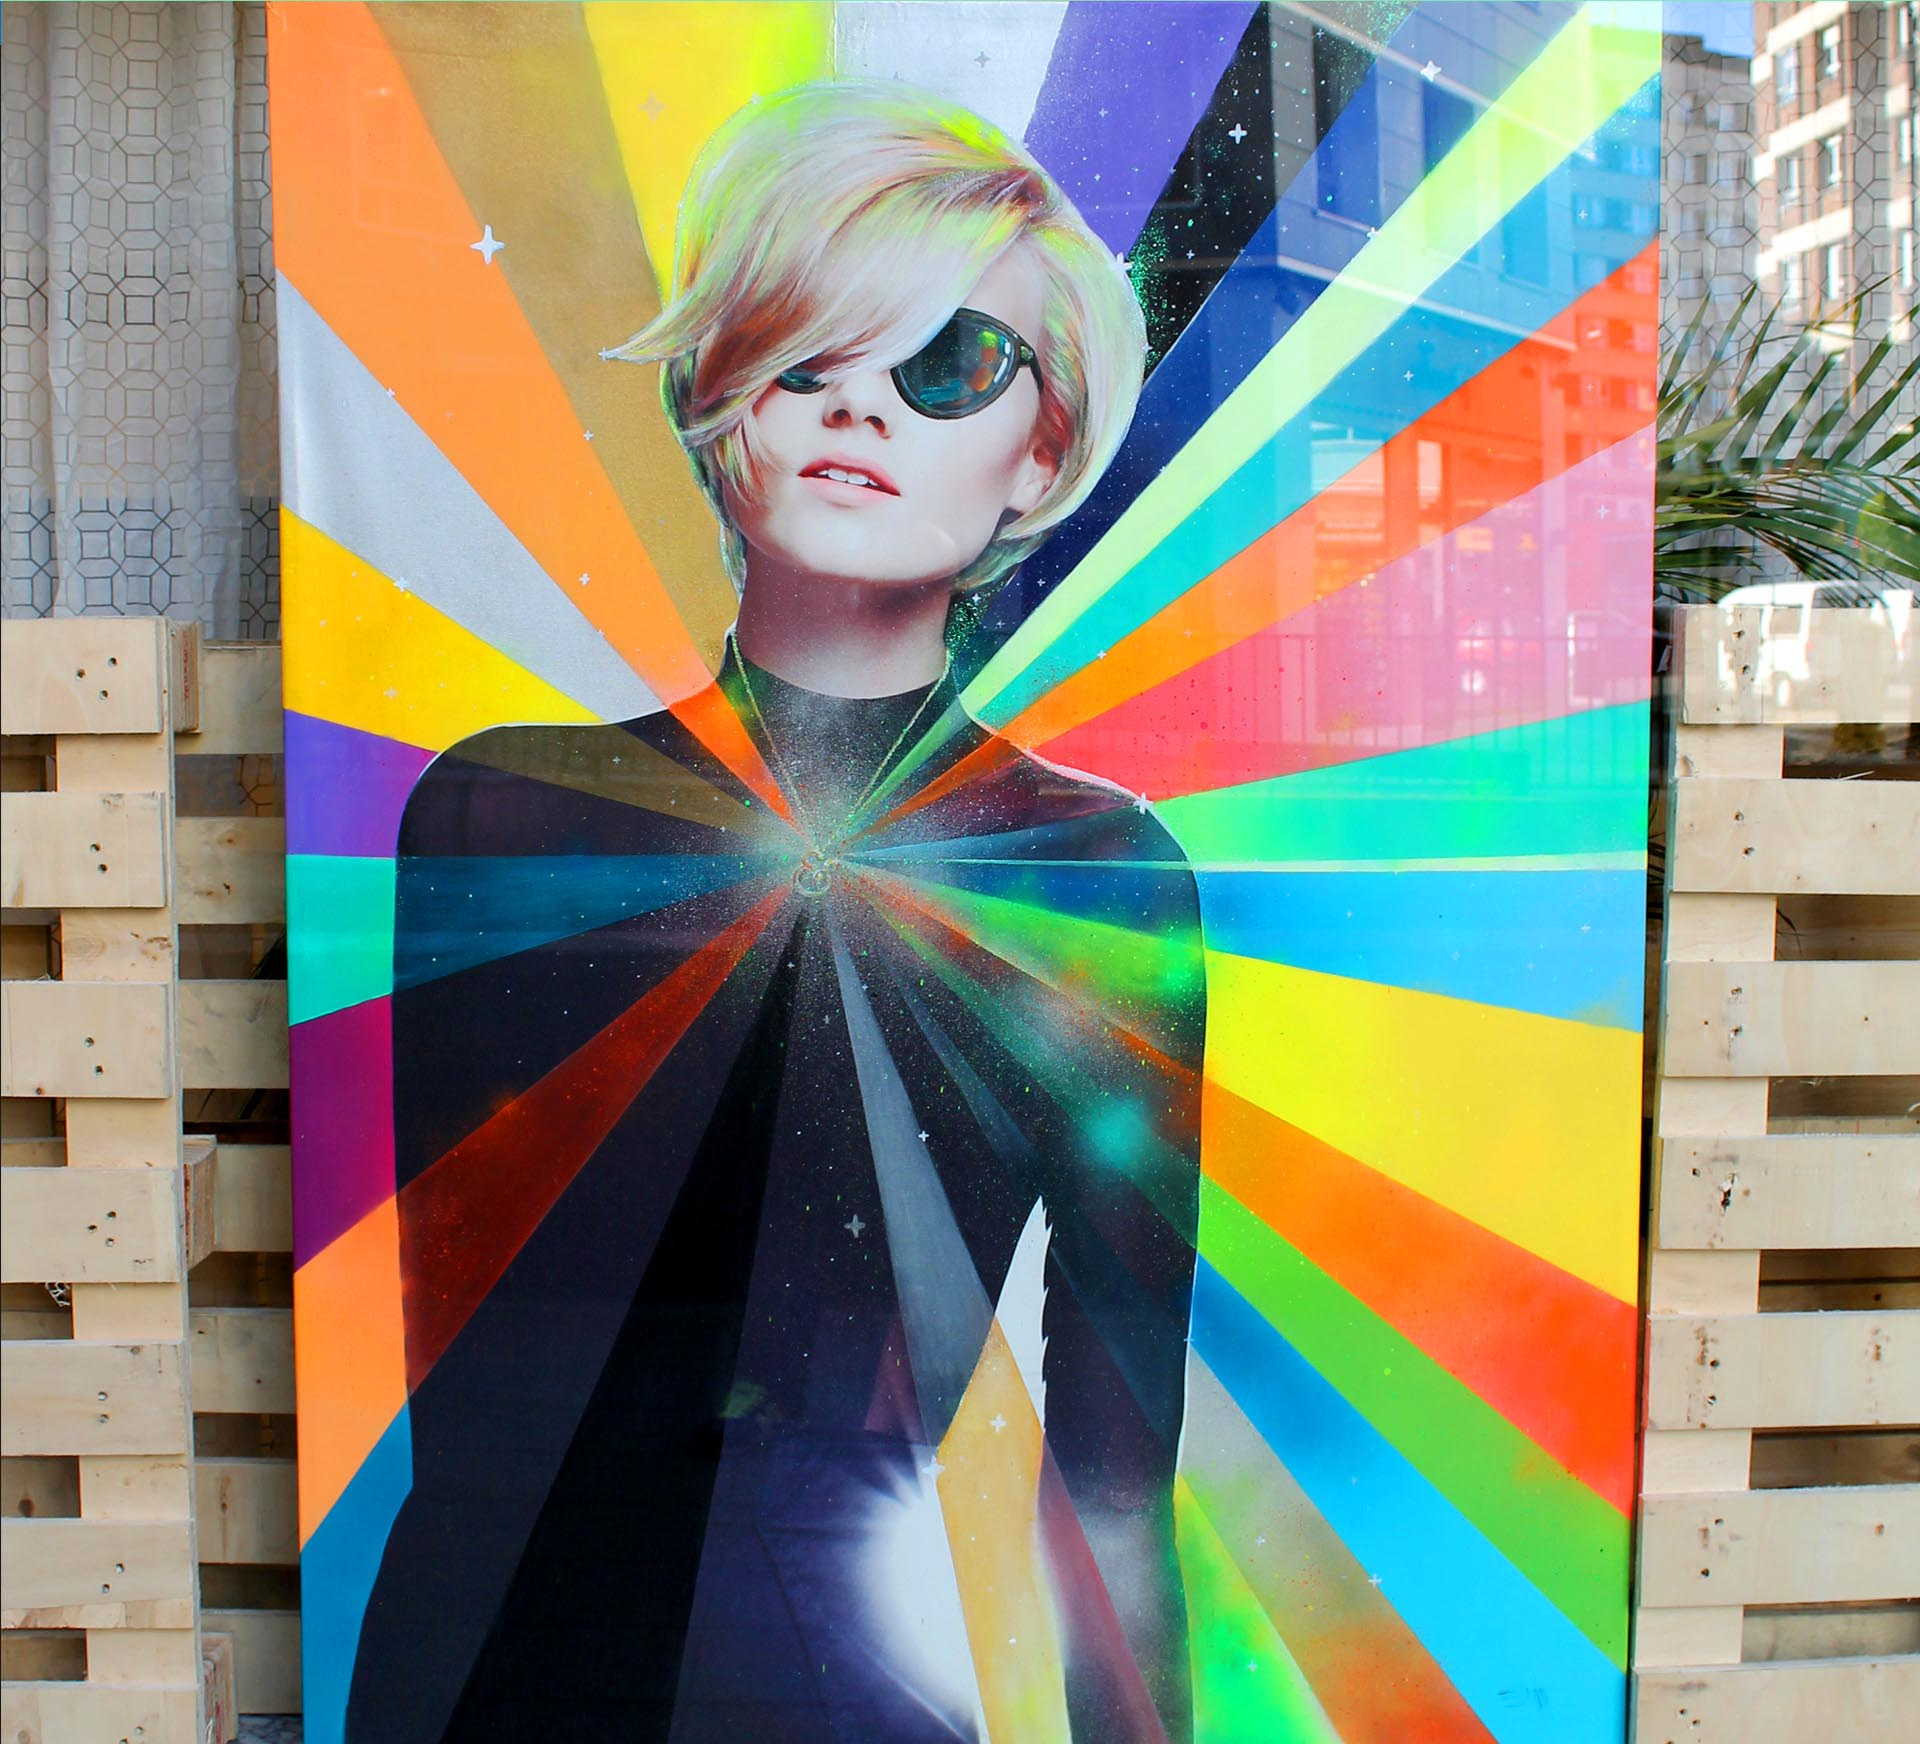 Neon Lady by Eduardo Morales en la peluquería corto y cambio